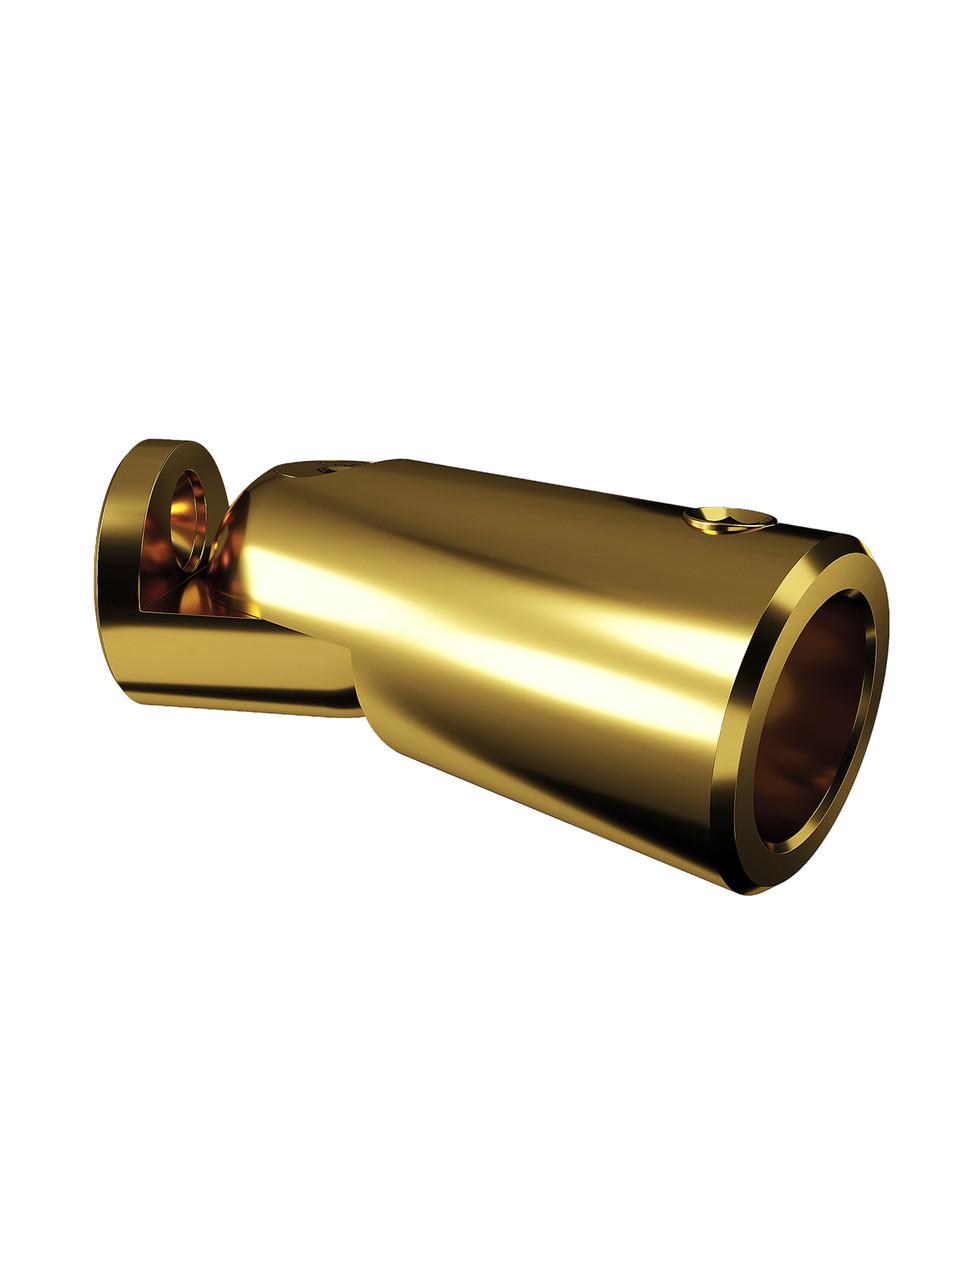 ODF-09-18-10 Крепление штанги для душа 16 мм к стене поворотное, регулируемое, цвет золото